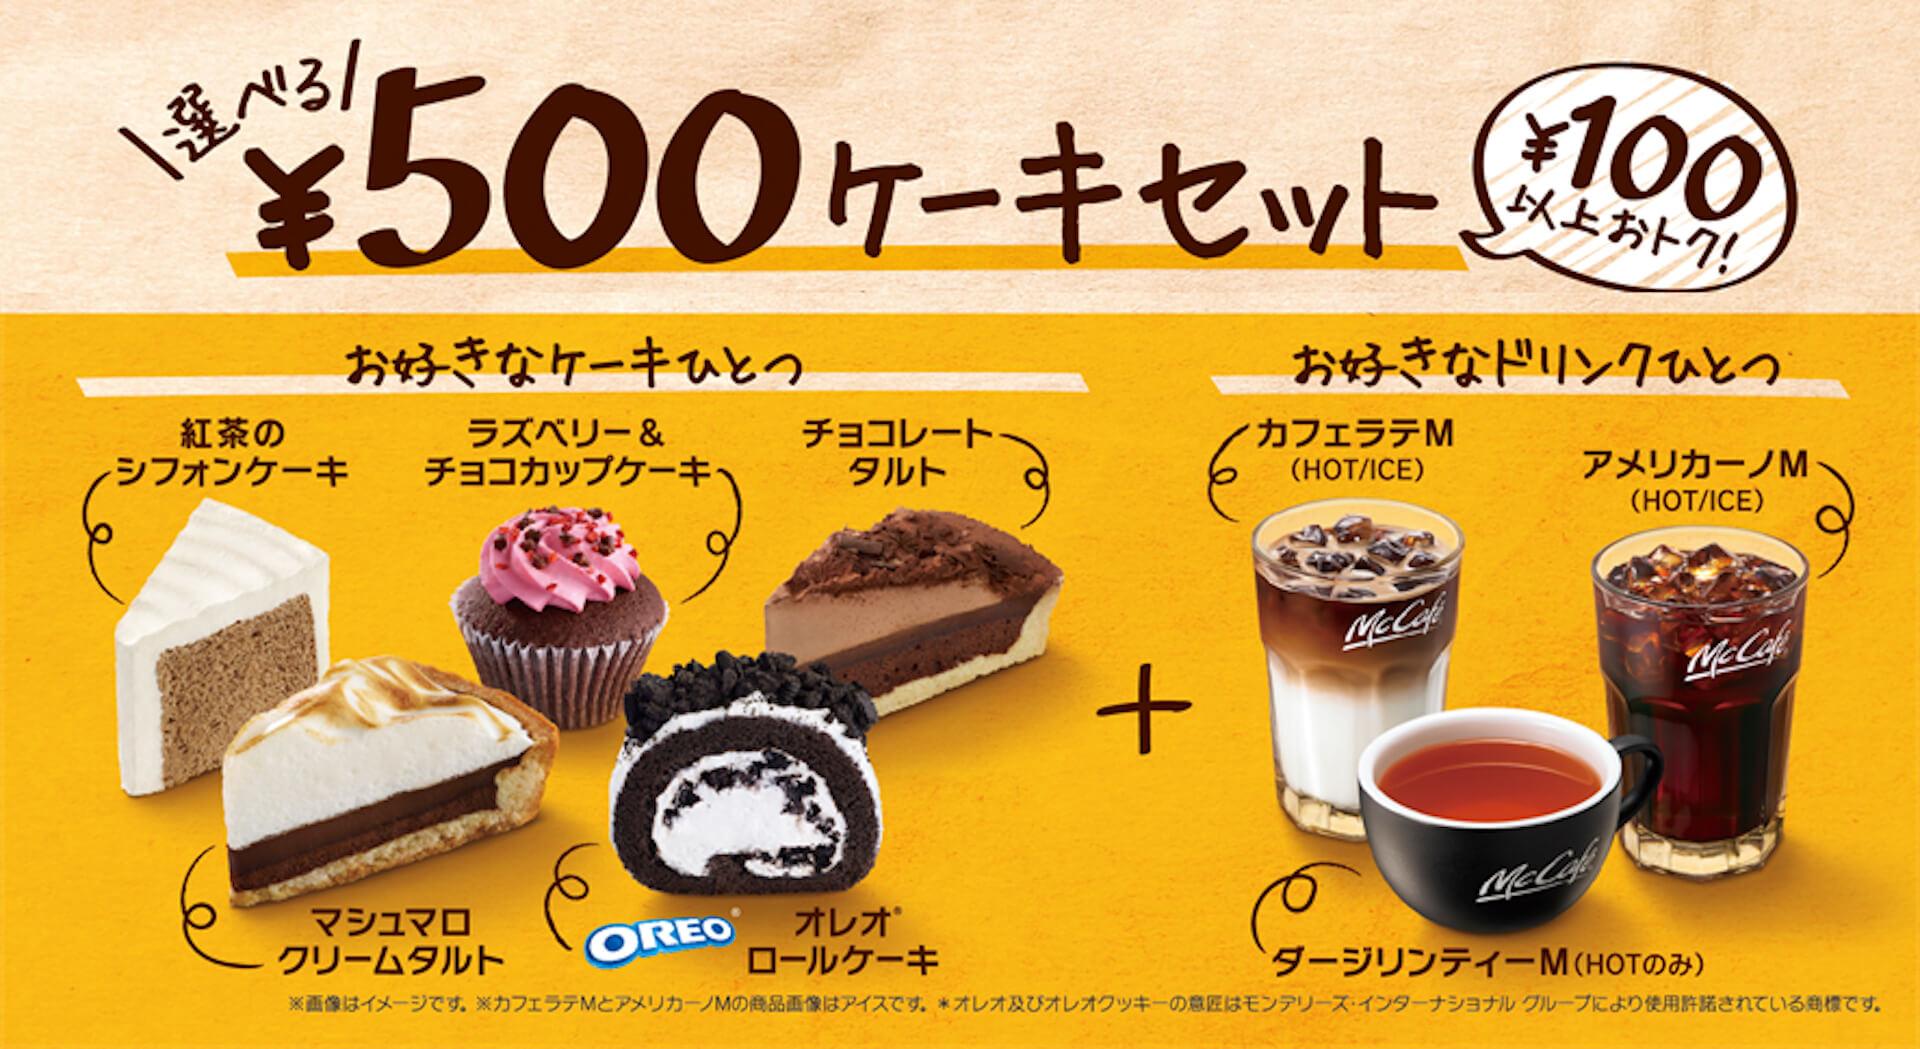 おうち時間でホッと一息!マクドナルドMcCafé by Baristaの「選べる¥500ケーキセット」が期間限定で実施決定 gourmet200420_mccafe_6